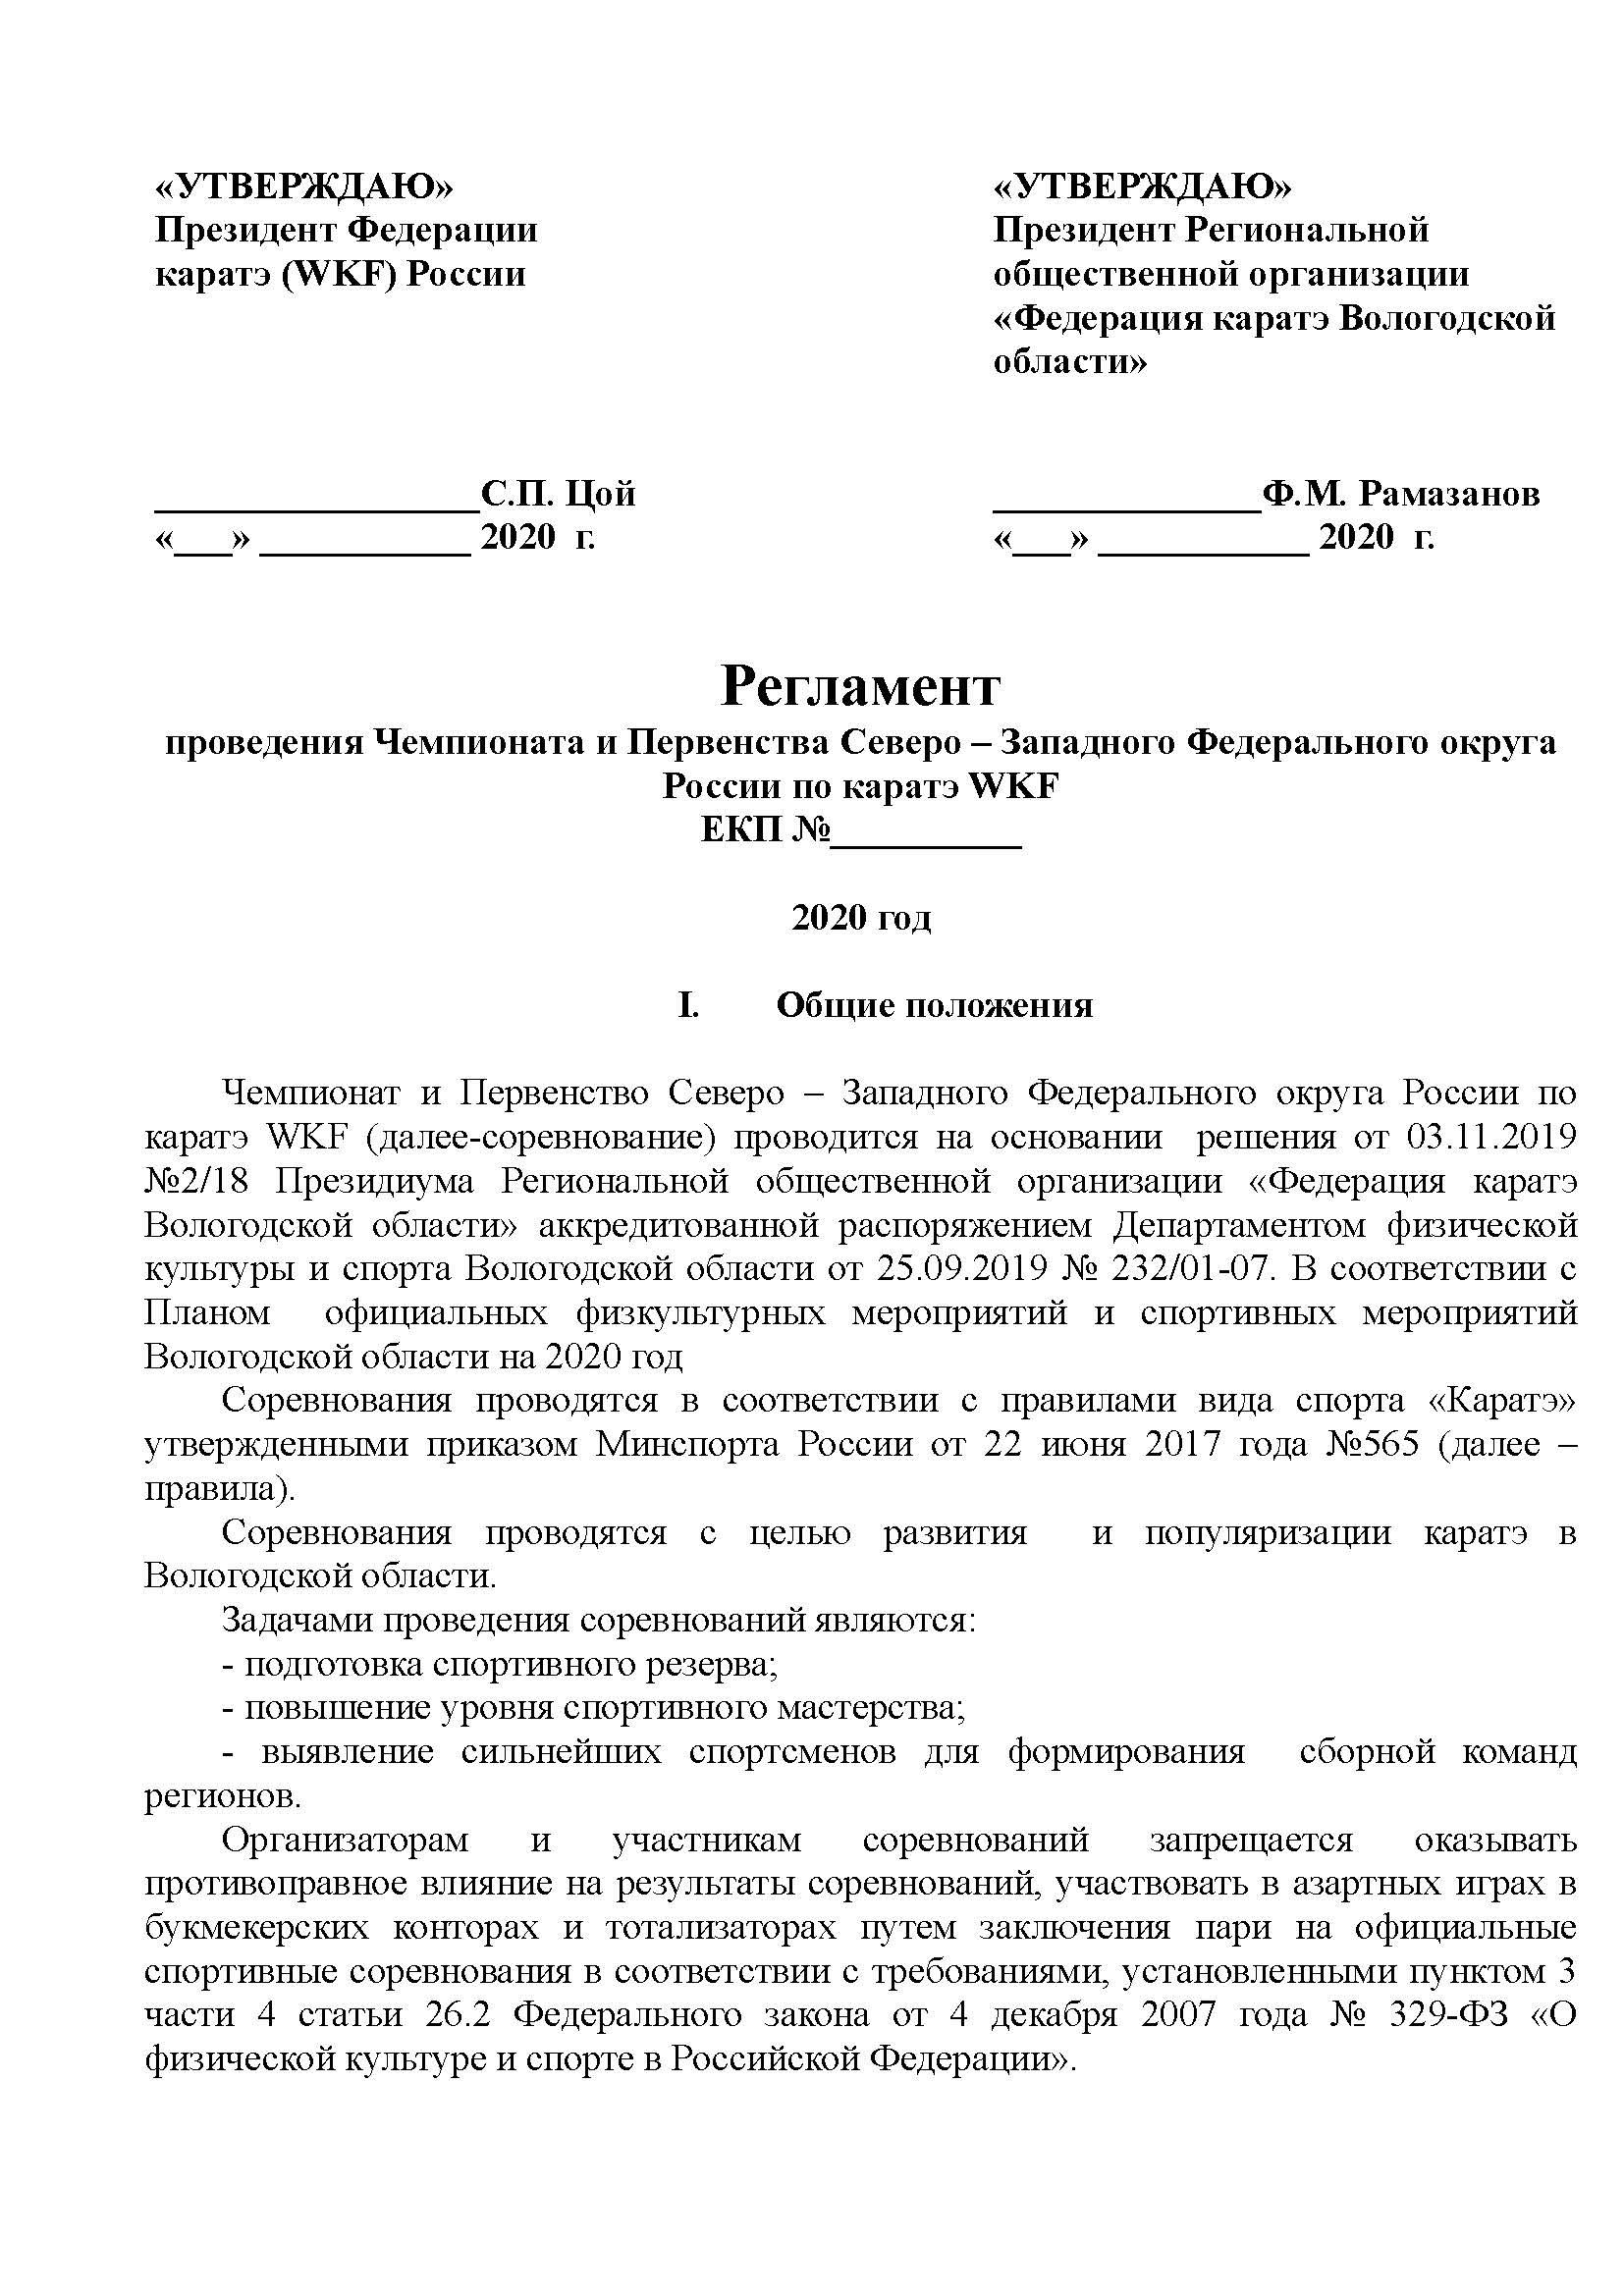 СЗФО-2020_001-OF_Страница_1